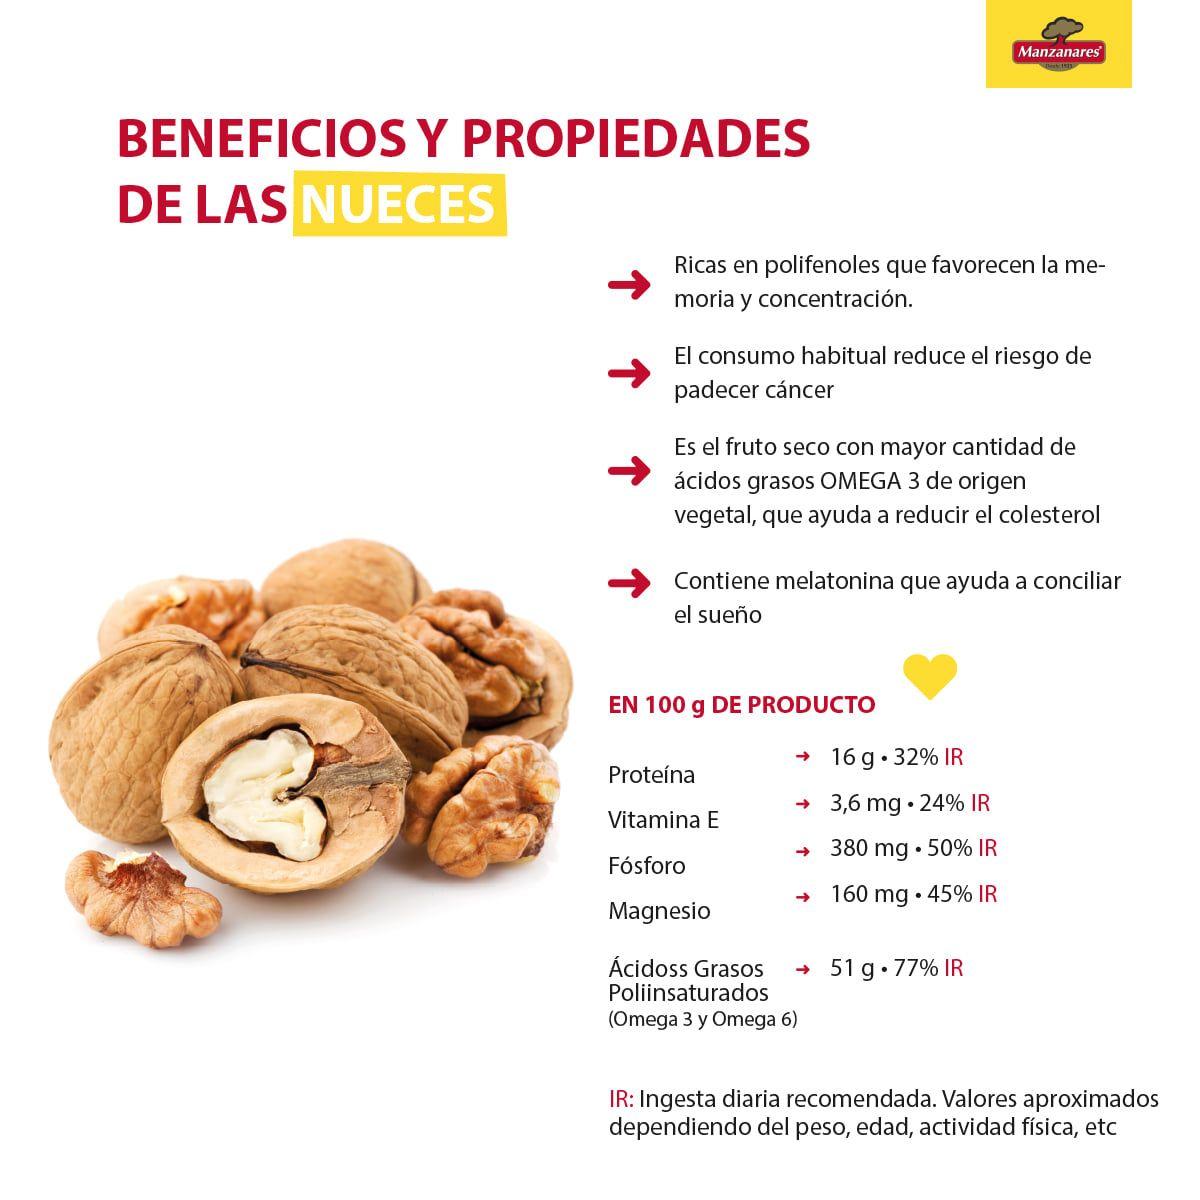 Beneficios Y Propiedades De Las Nueces Propiedades De Las Nueces Frutas Y Verduras Beneficios Frutas Y Verduras